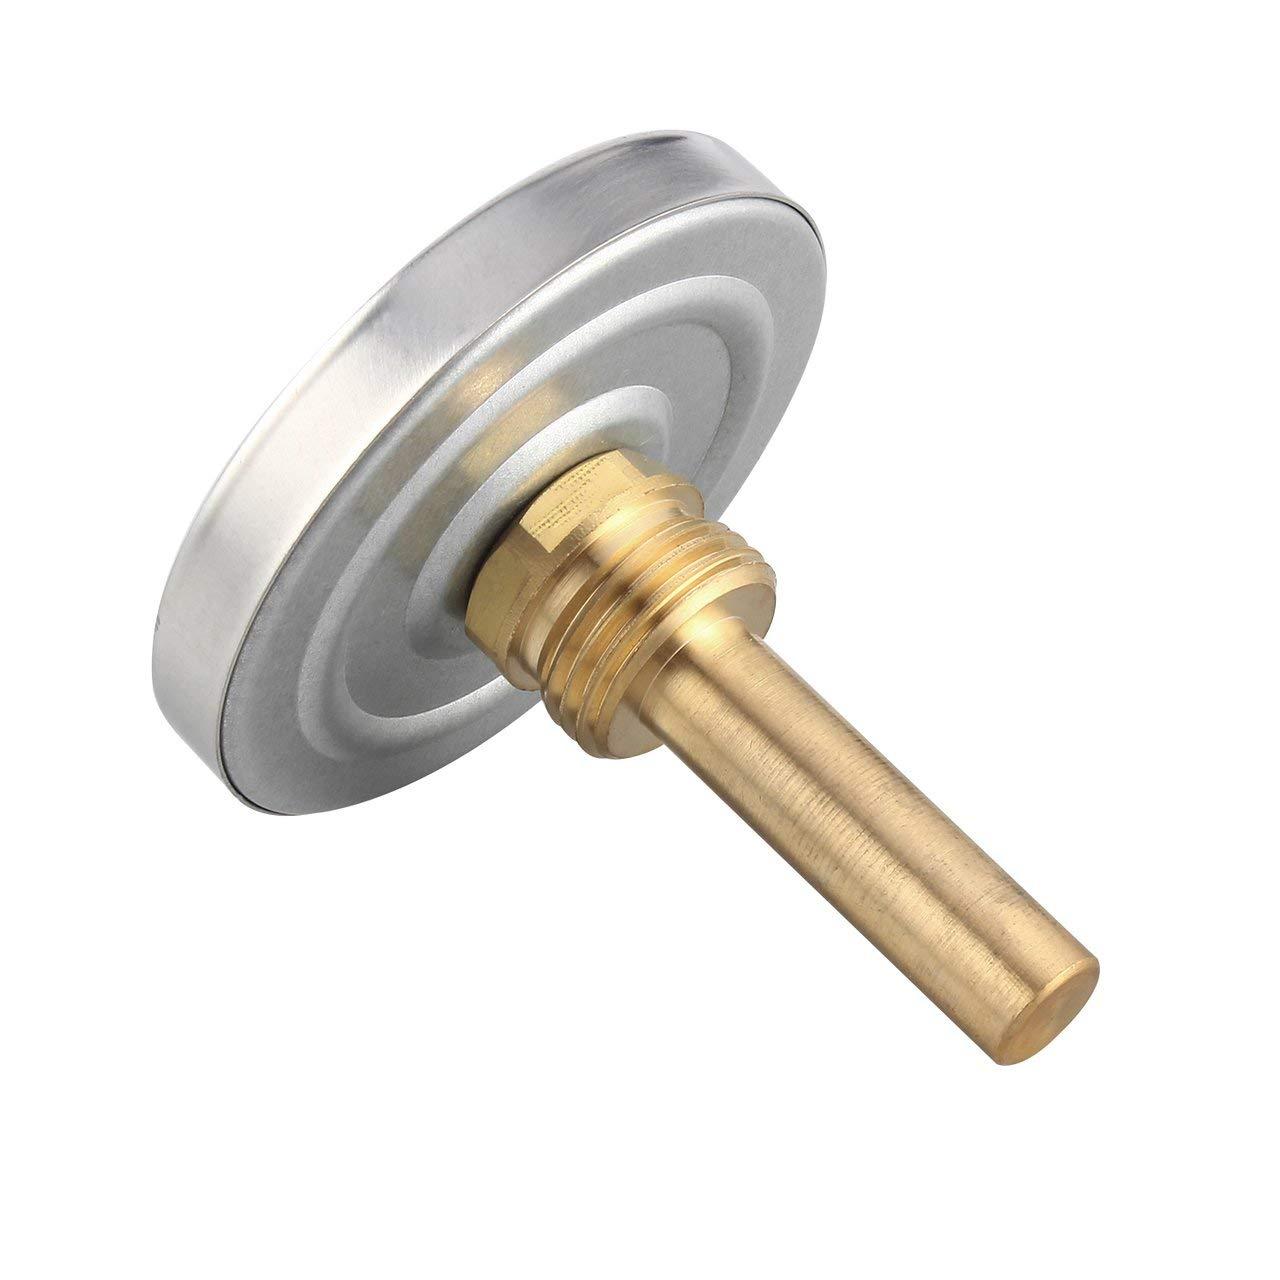 Jasnyfall 63mm Messgerät Thermometer Flüssigkeitstemperaturanzeige 0-120 ° C Horizontale Montage Silber